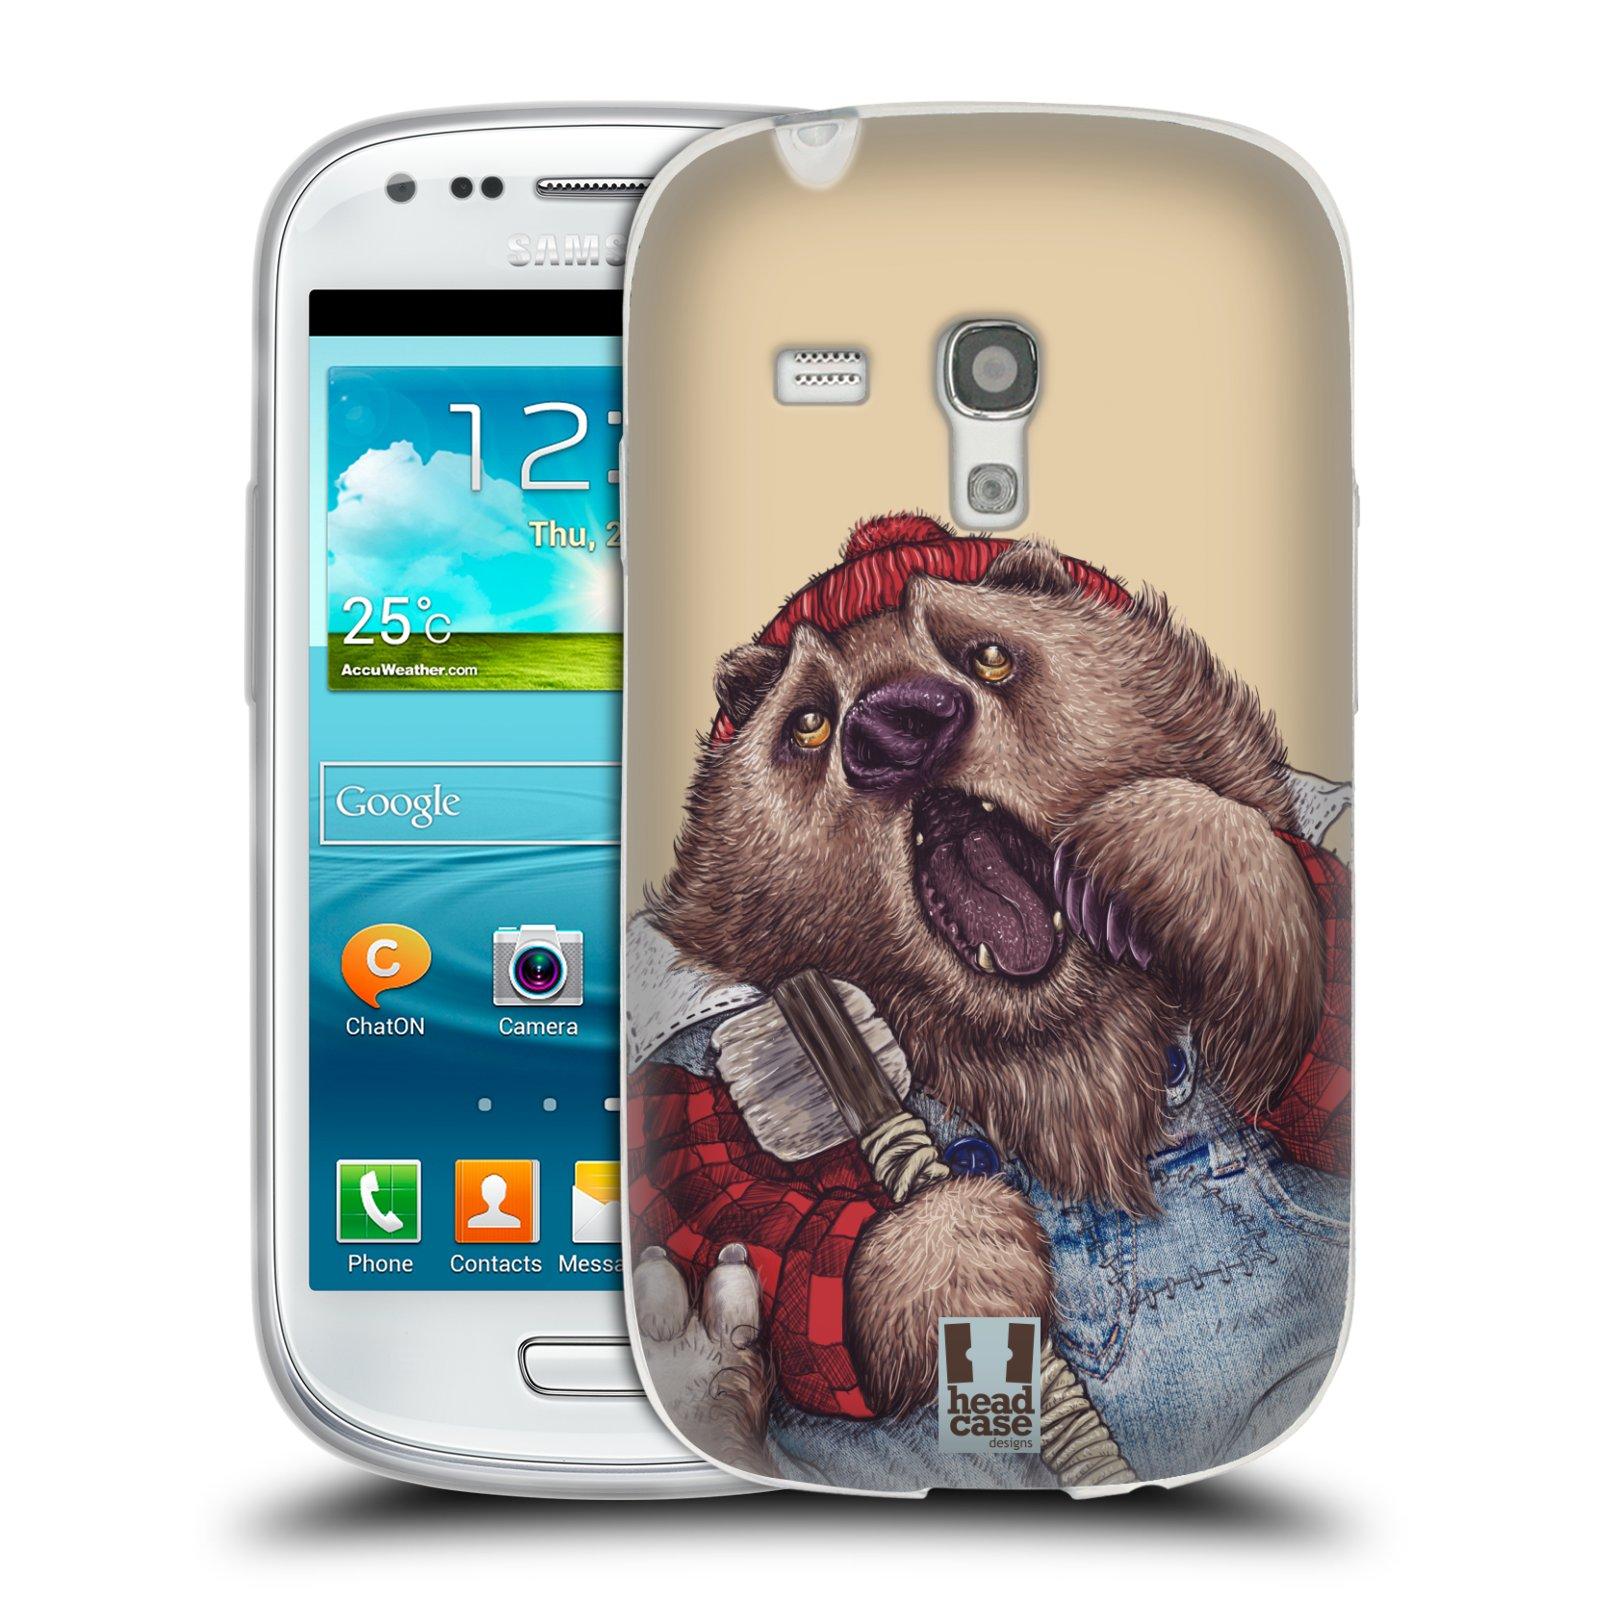 HEAD CASE silikonový obal na mobil Samsung Galaxy S3 MINI i8190 vzor Kreslená zvířátka medvěd